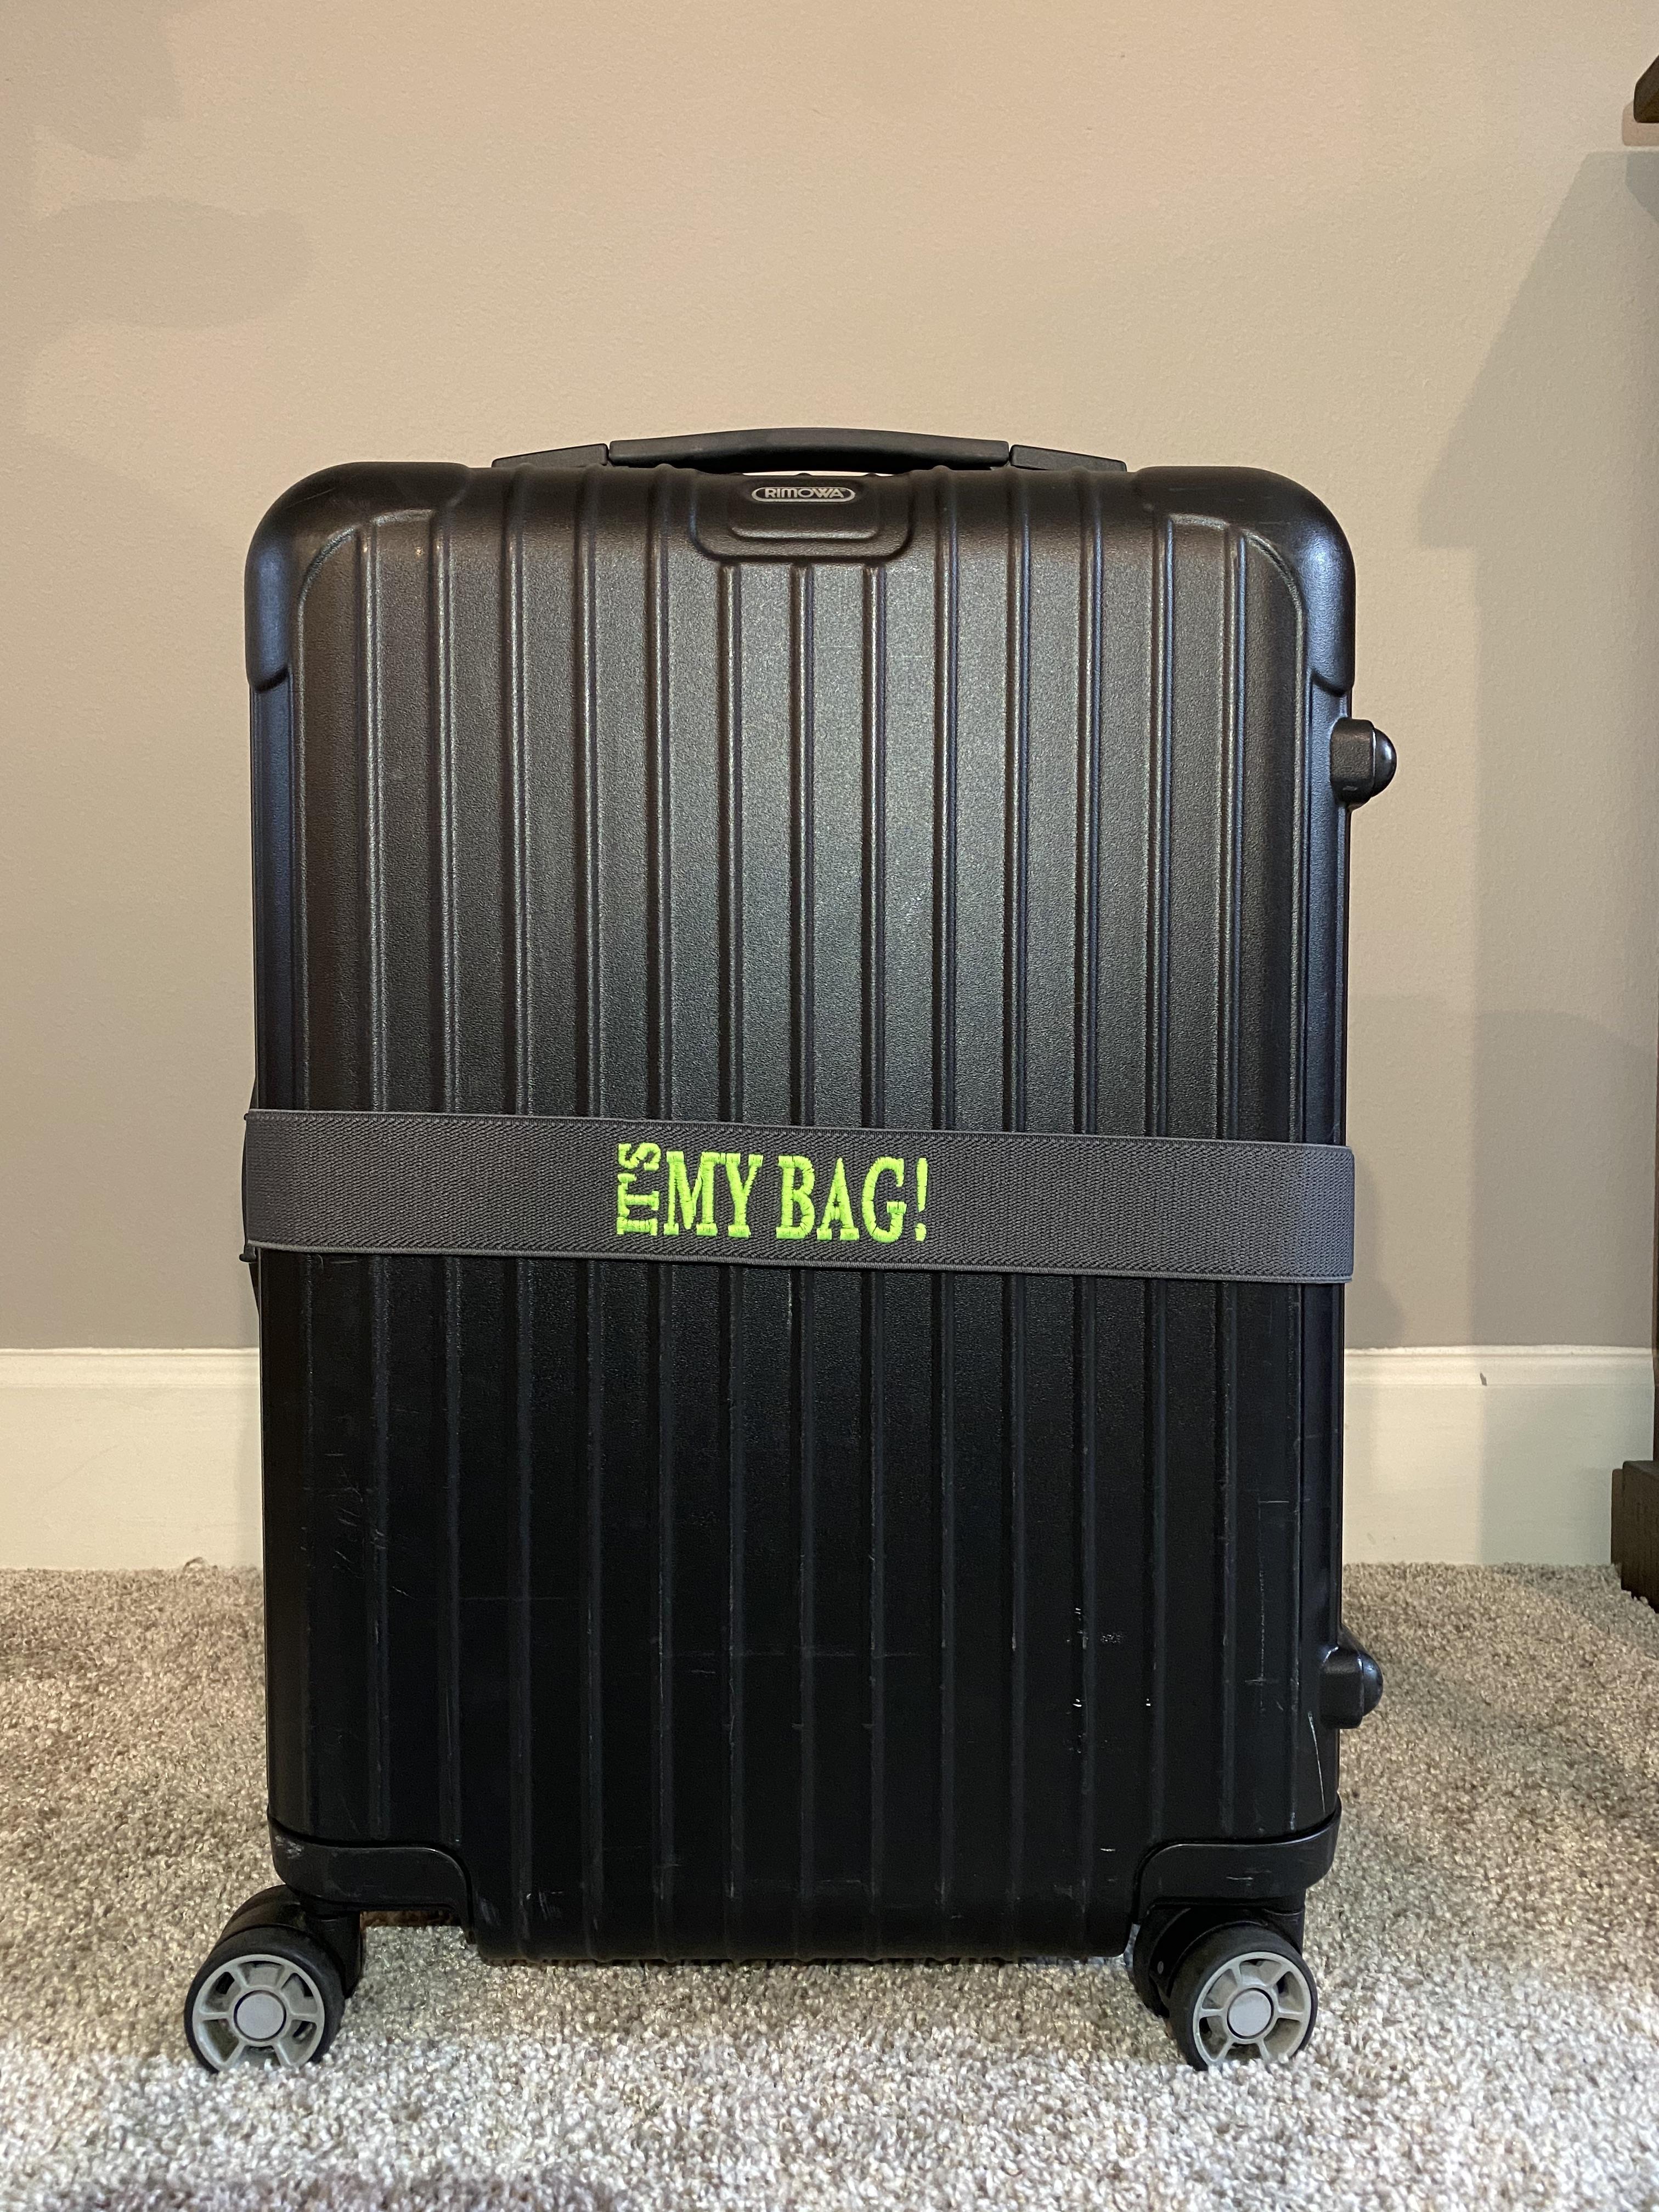 Faixa para mala It's my bag